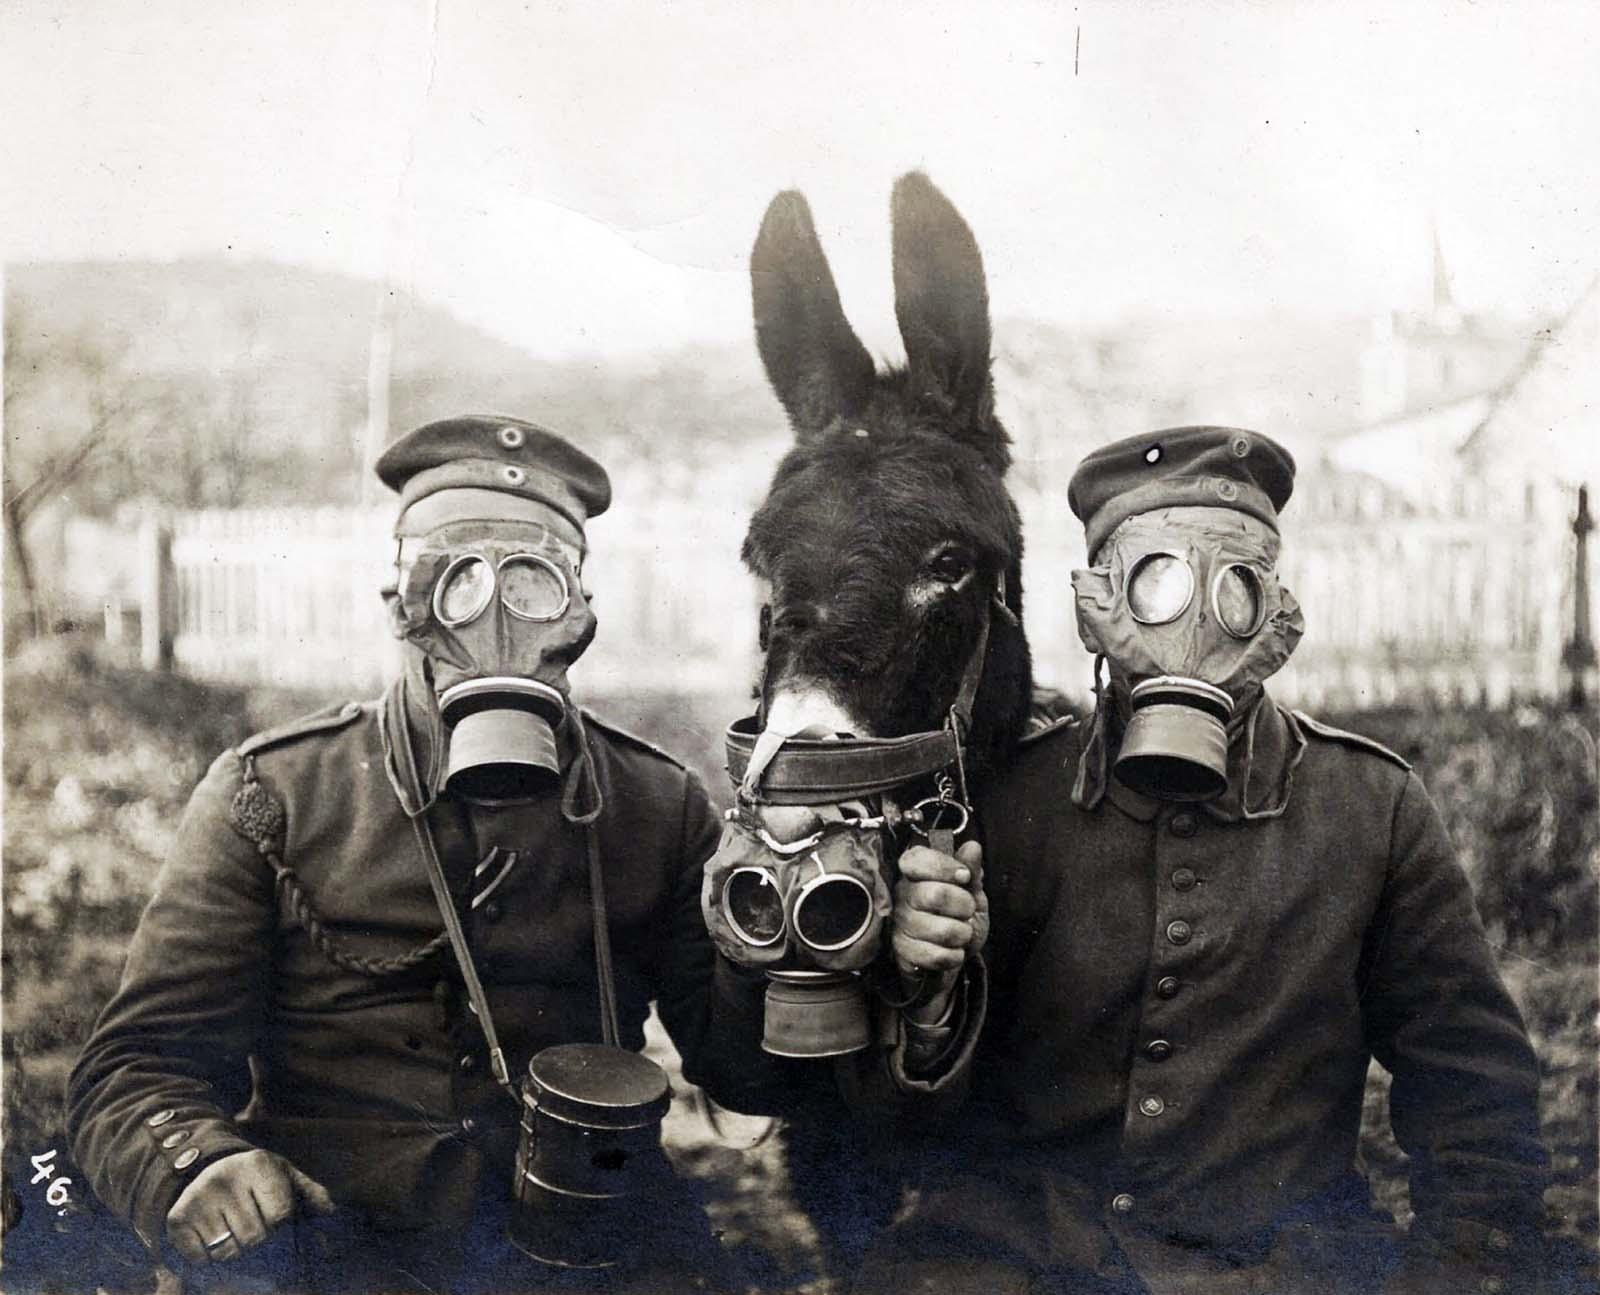 Dos soldados alemanes y sus mulas con máscaras antigás en la Primera Guerra Mundial, 1916